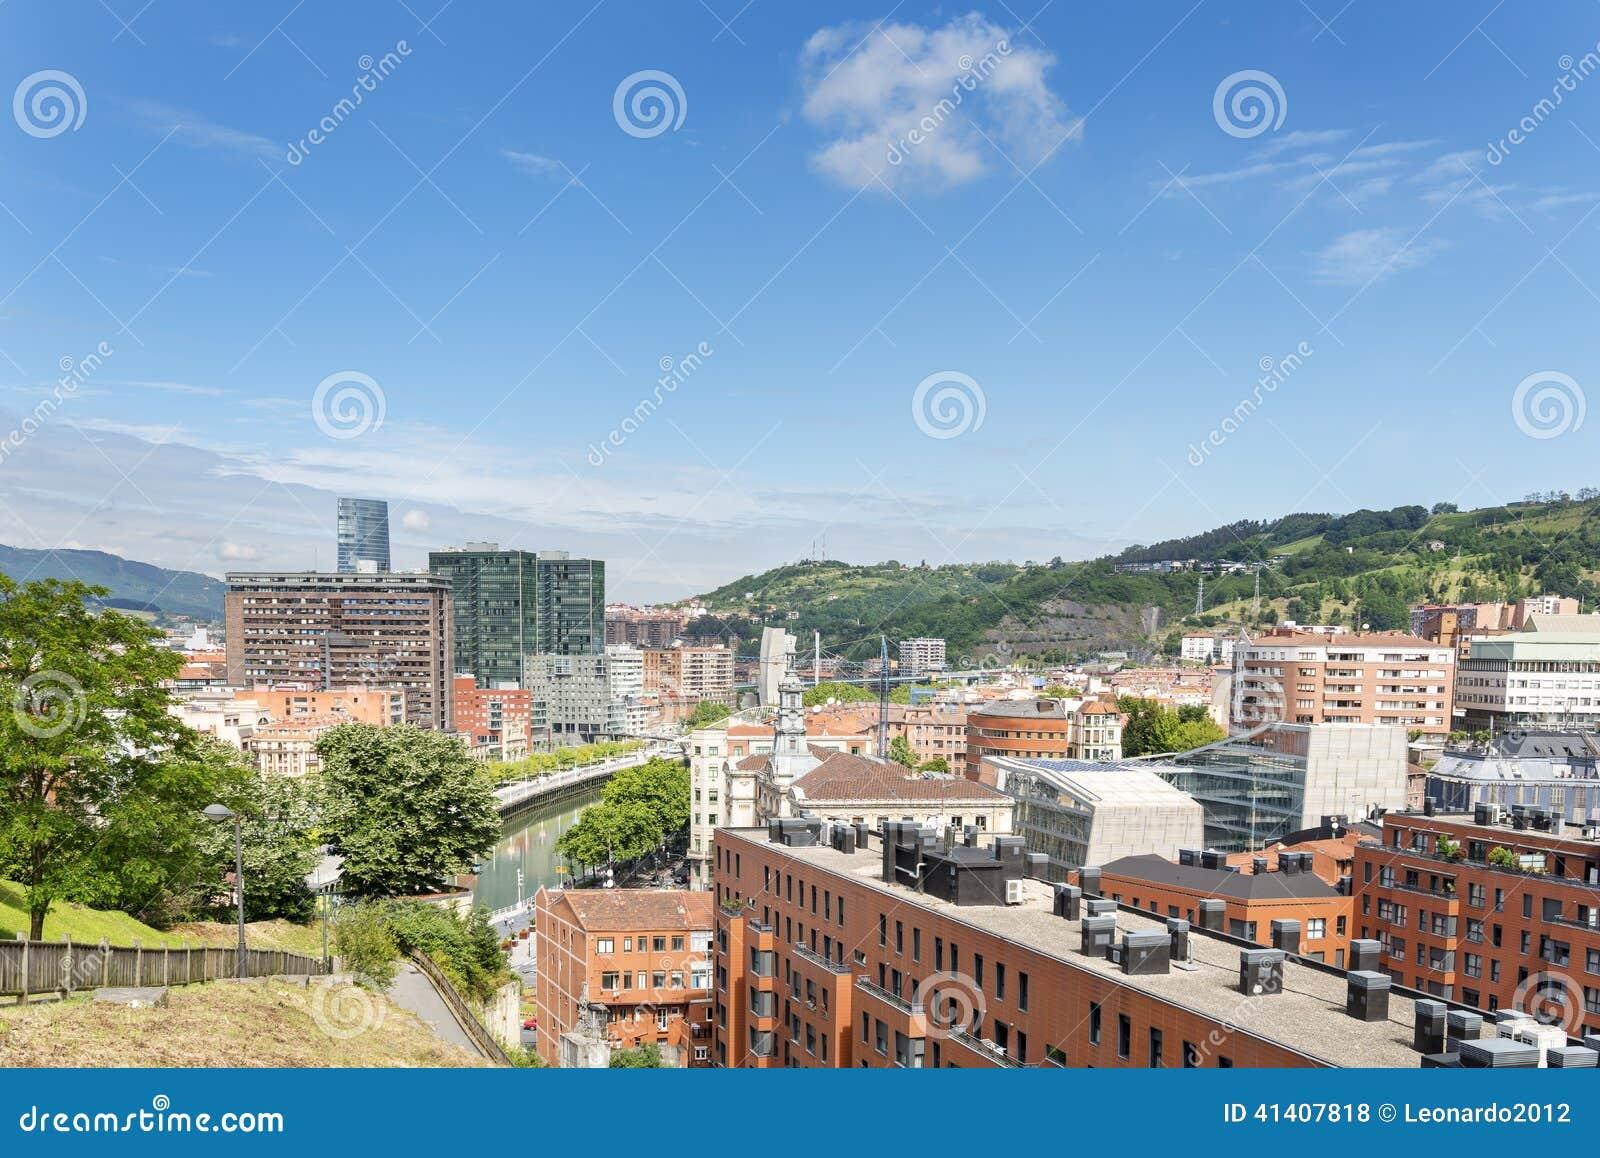 Vues de ville de bilbao bizkaia pays basque espagne for Piscine bilbao